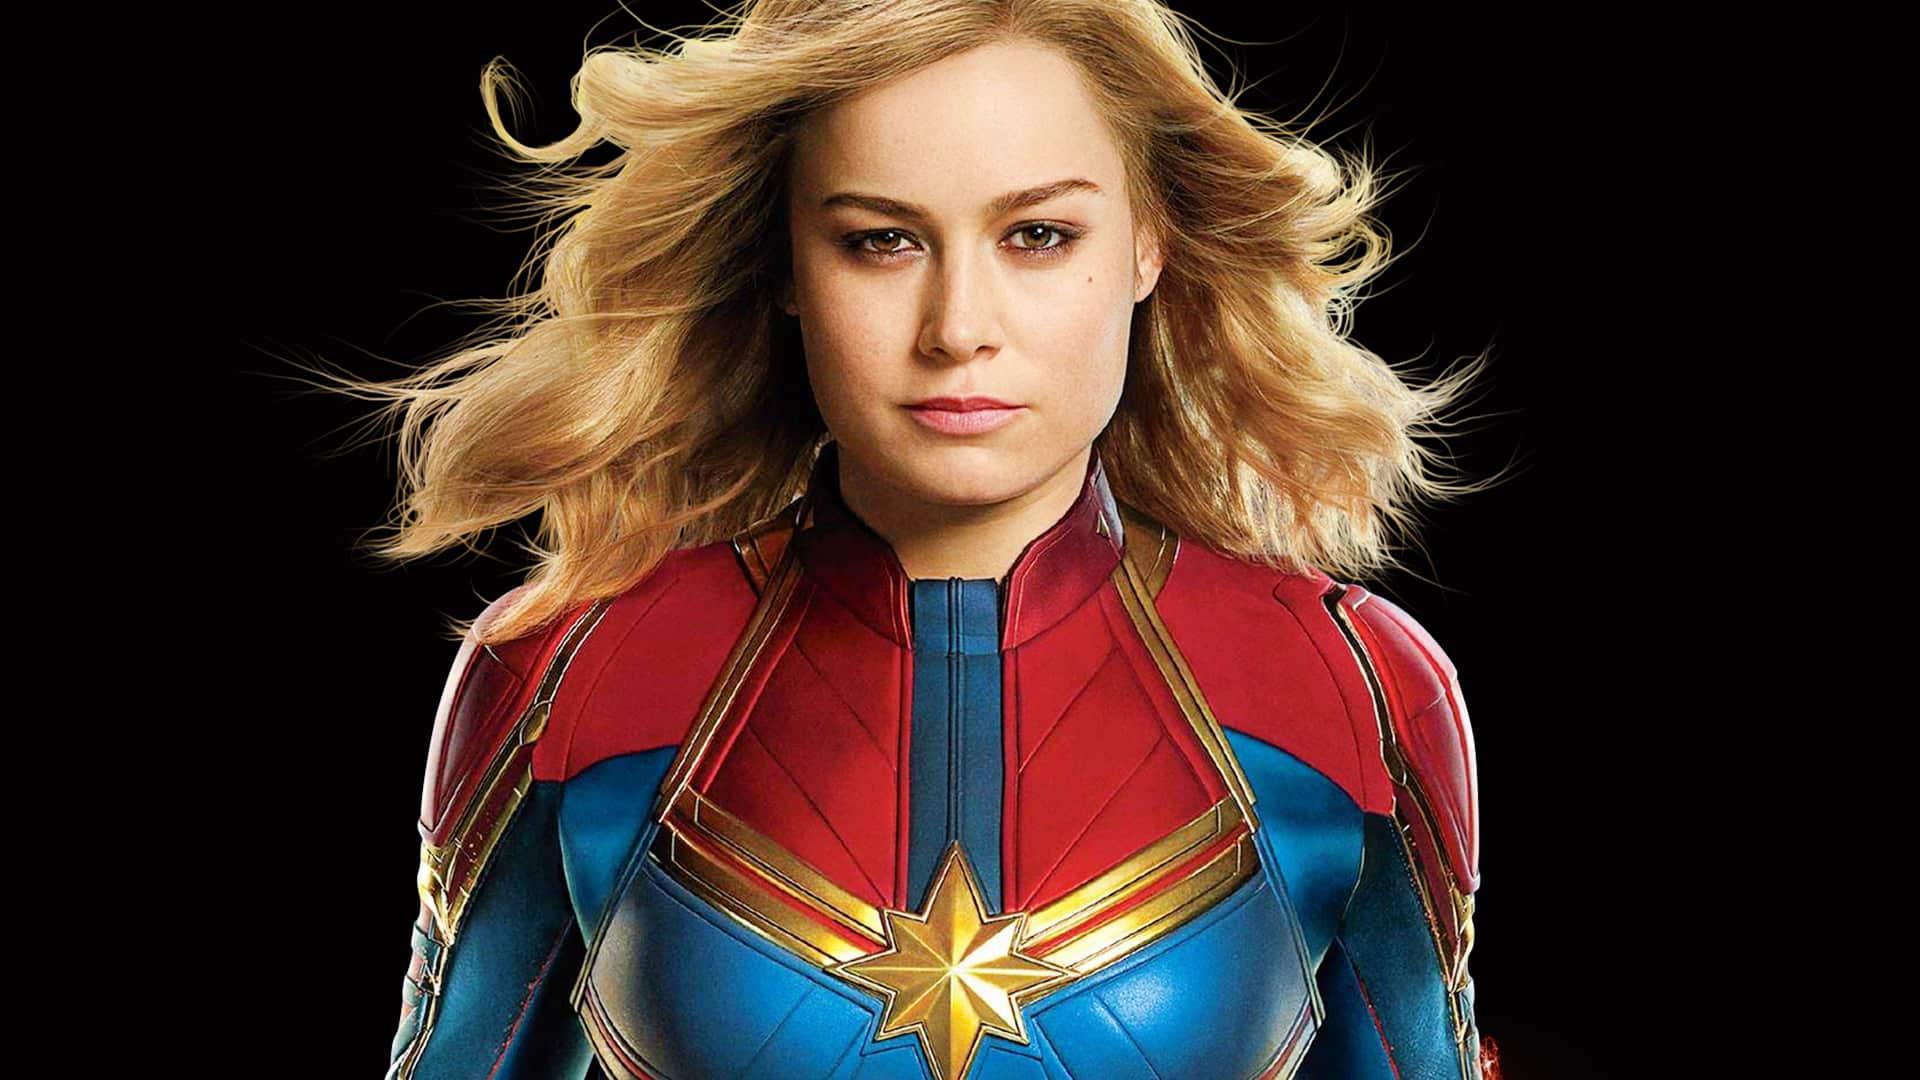 prvý captain marvel trailer